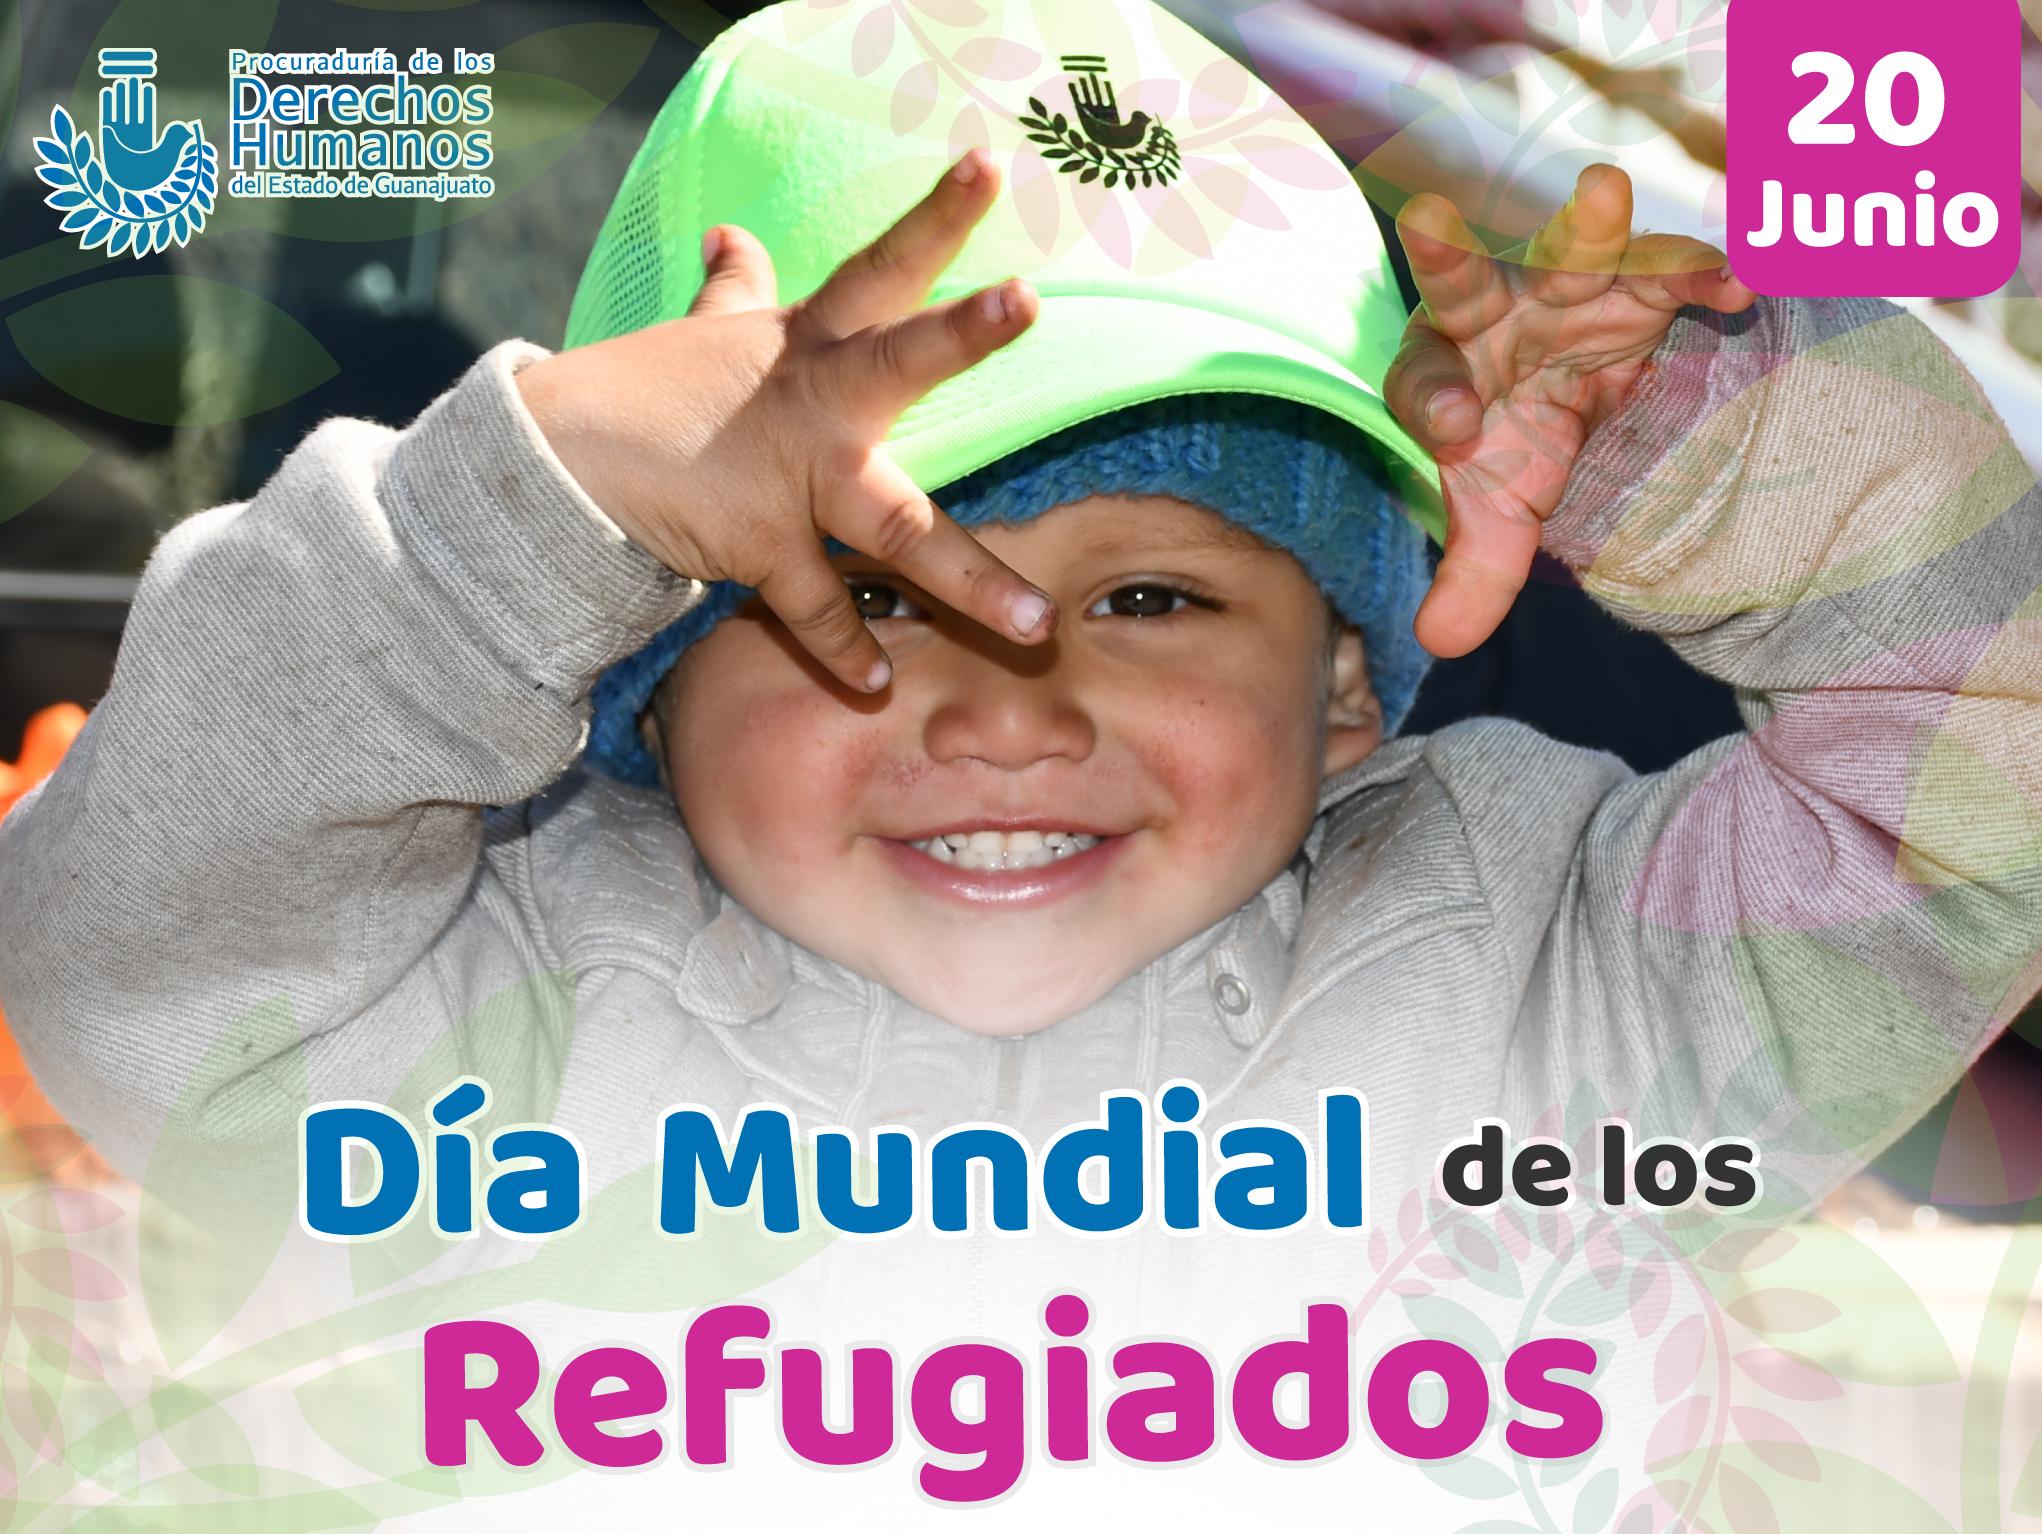 Día Mundial de los Refugiados